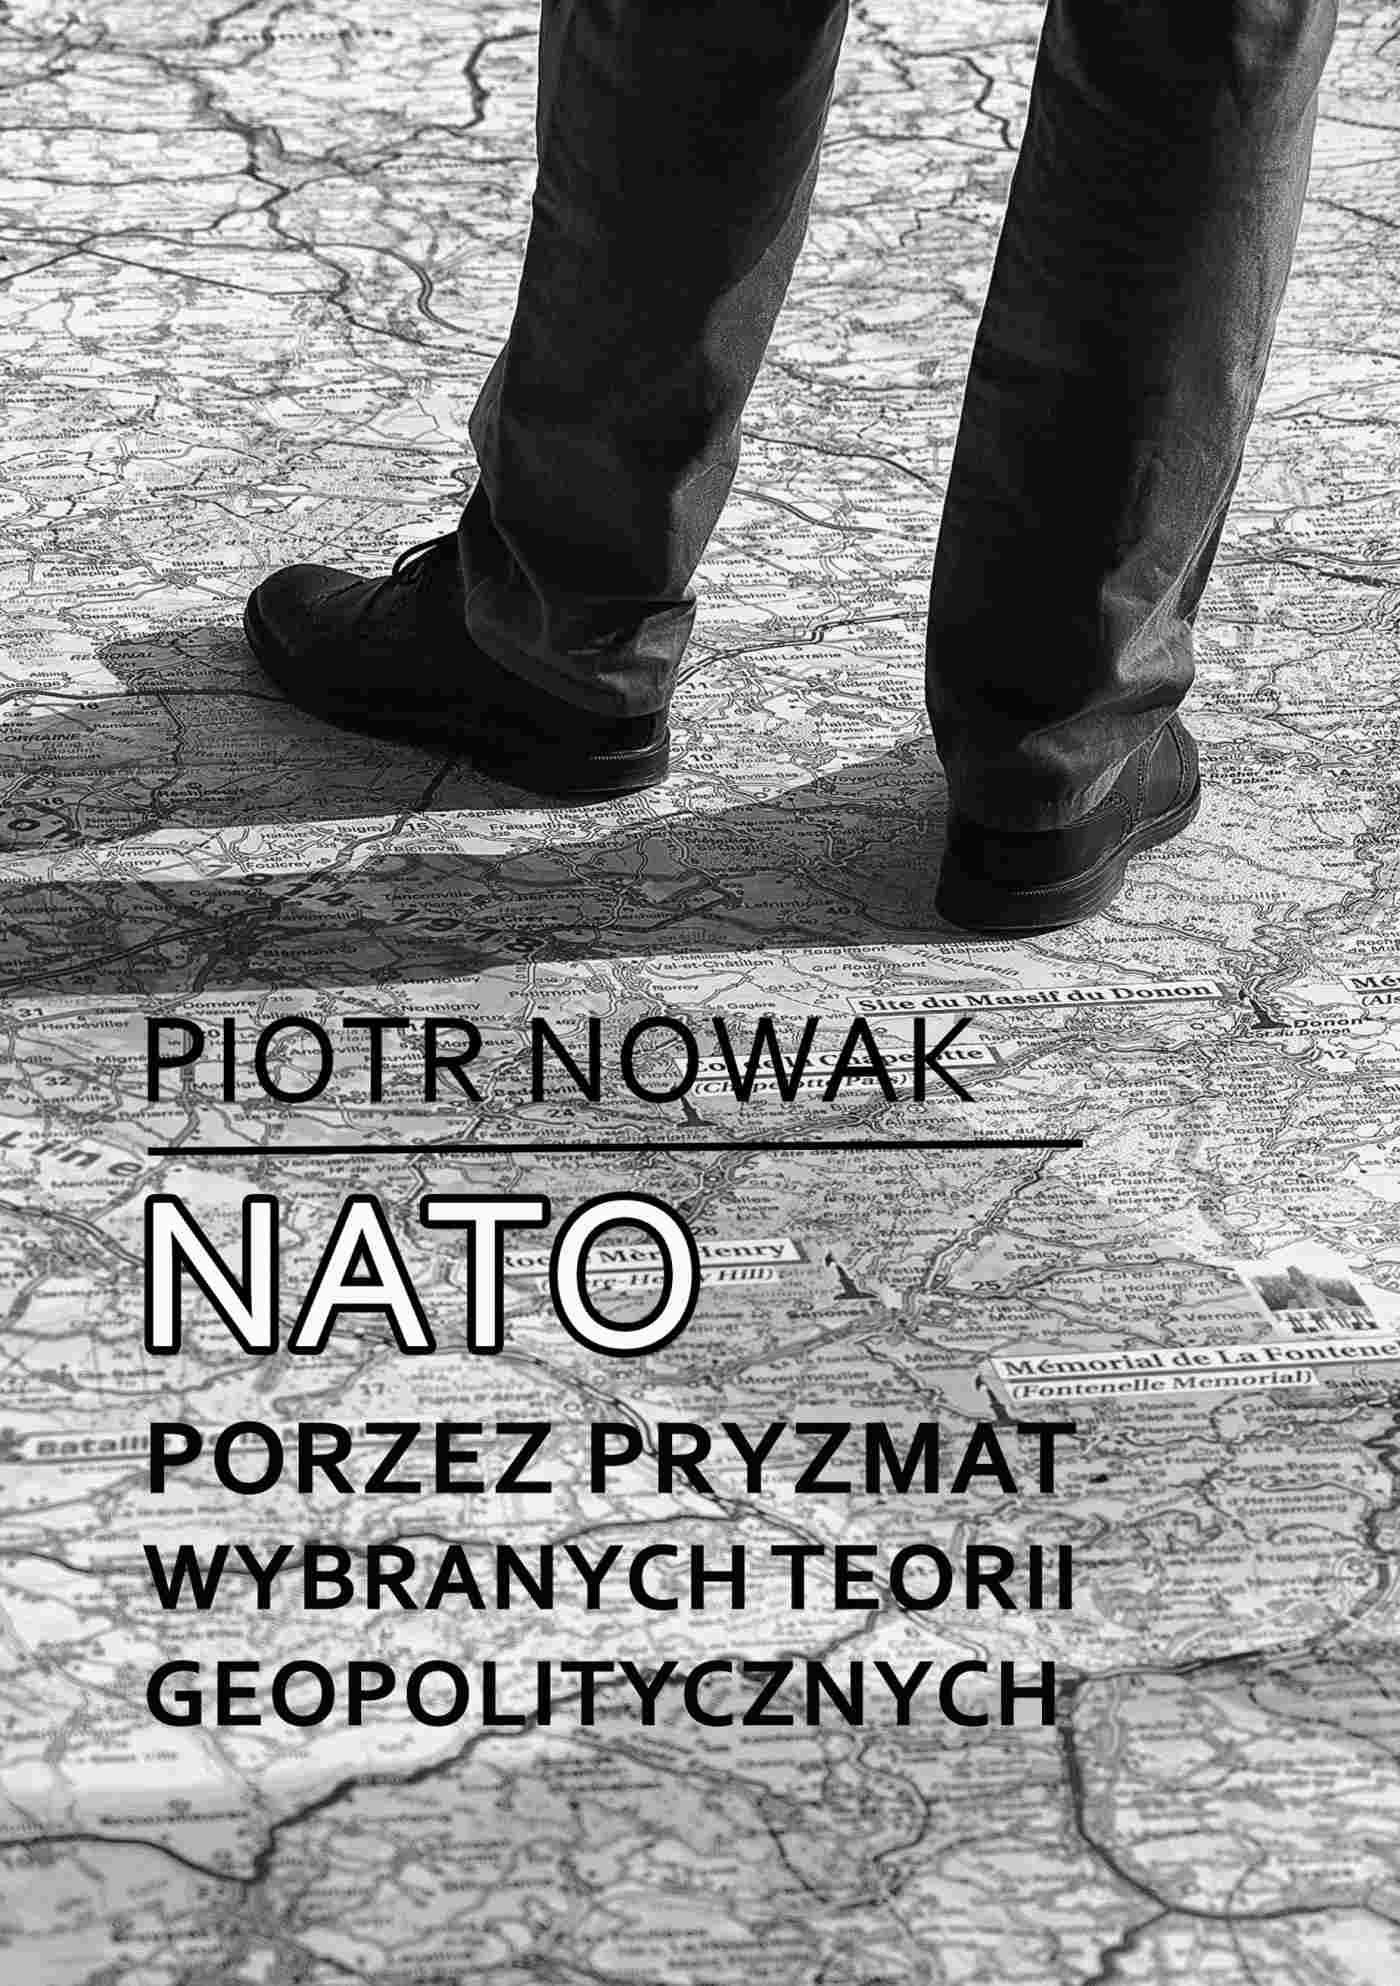 NATO poprzez pryzmat wybranych teorii geopolitycznych - Ebook (Książka EPUB) do pobrania w formacie EPUB